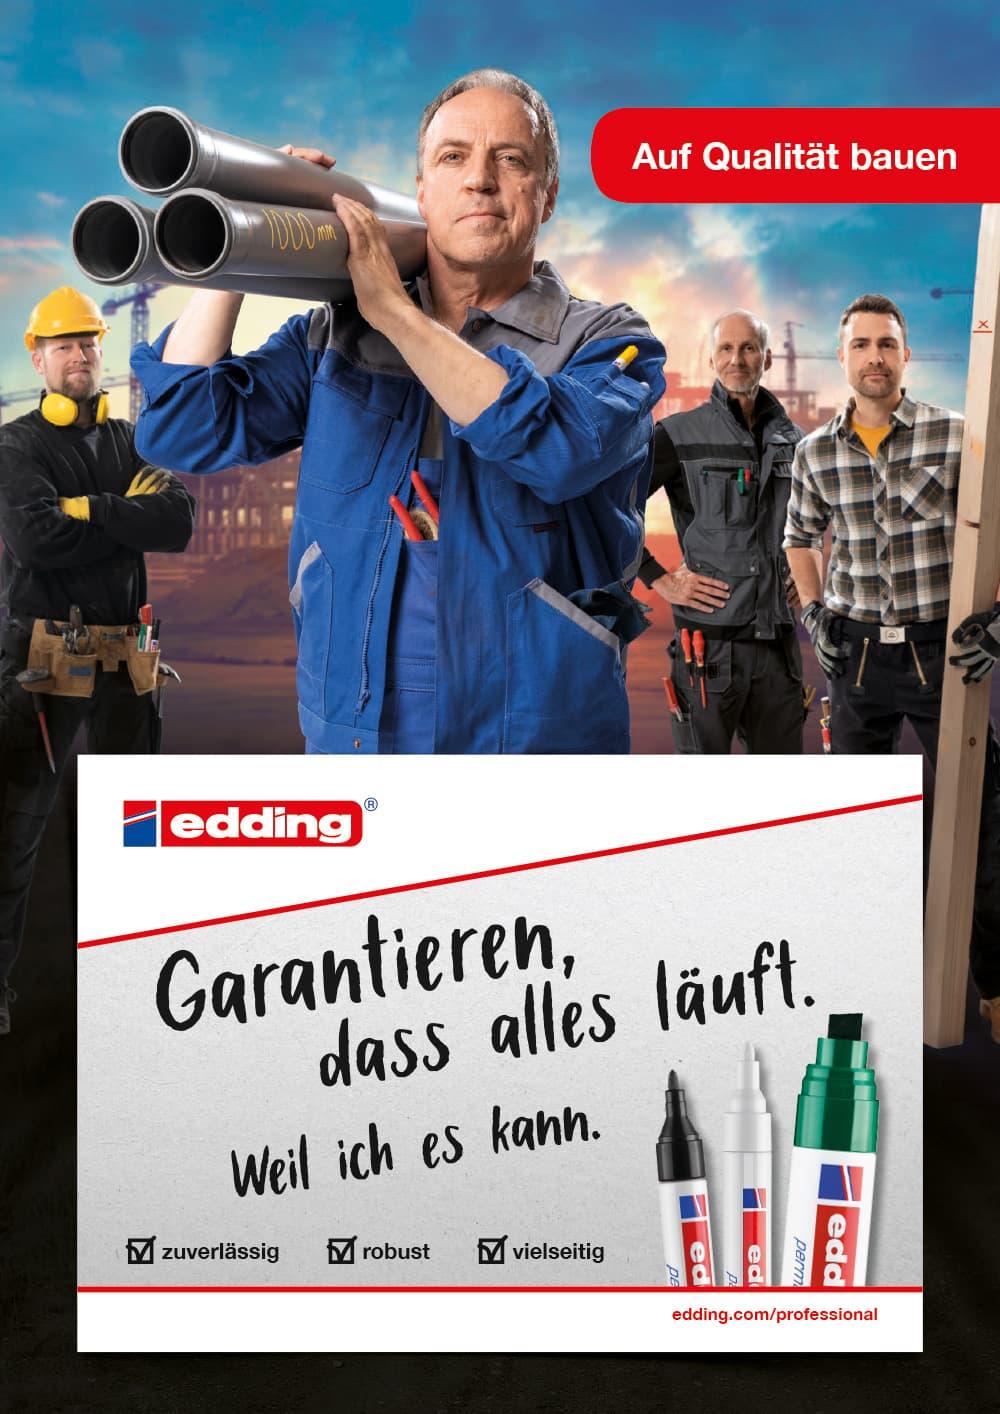 edding Craftsmen Kampagne Motiv Klempner Hochformat Rückemänner Werbeagentur Hamburg